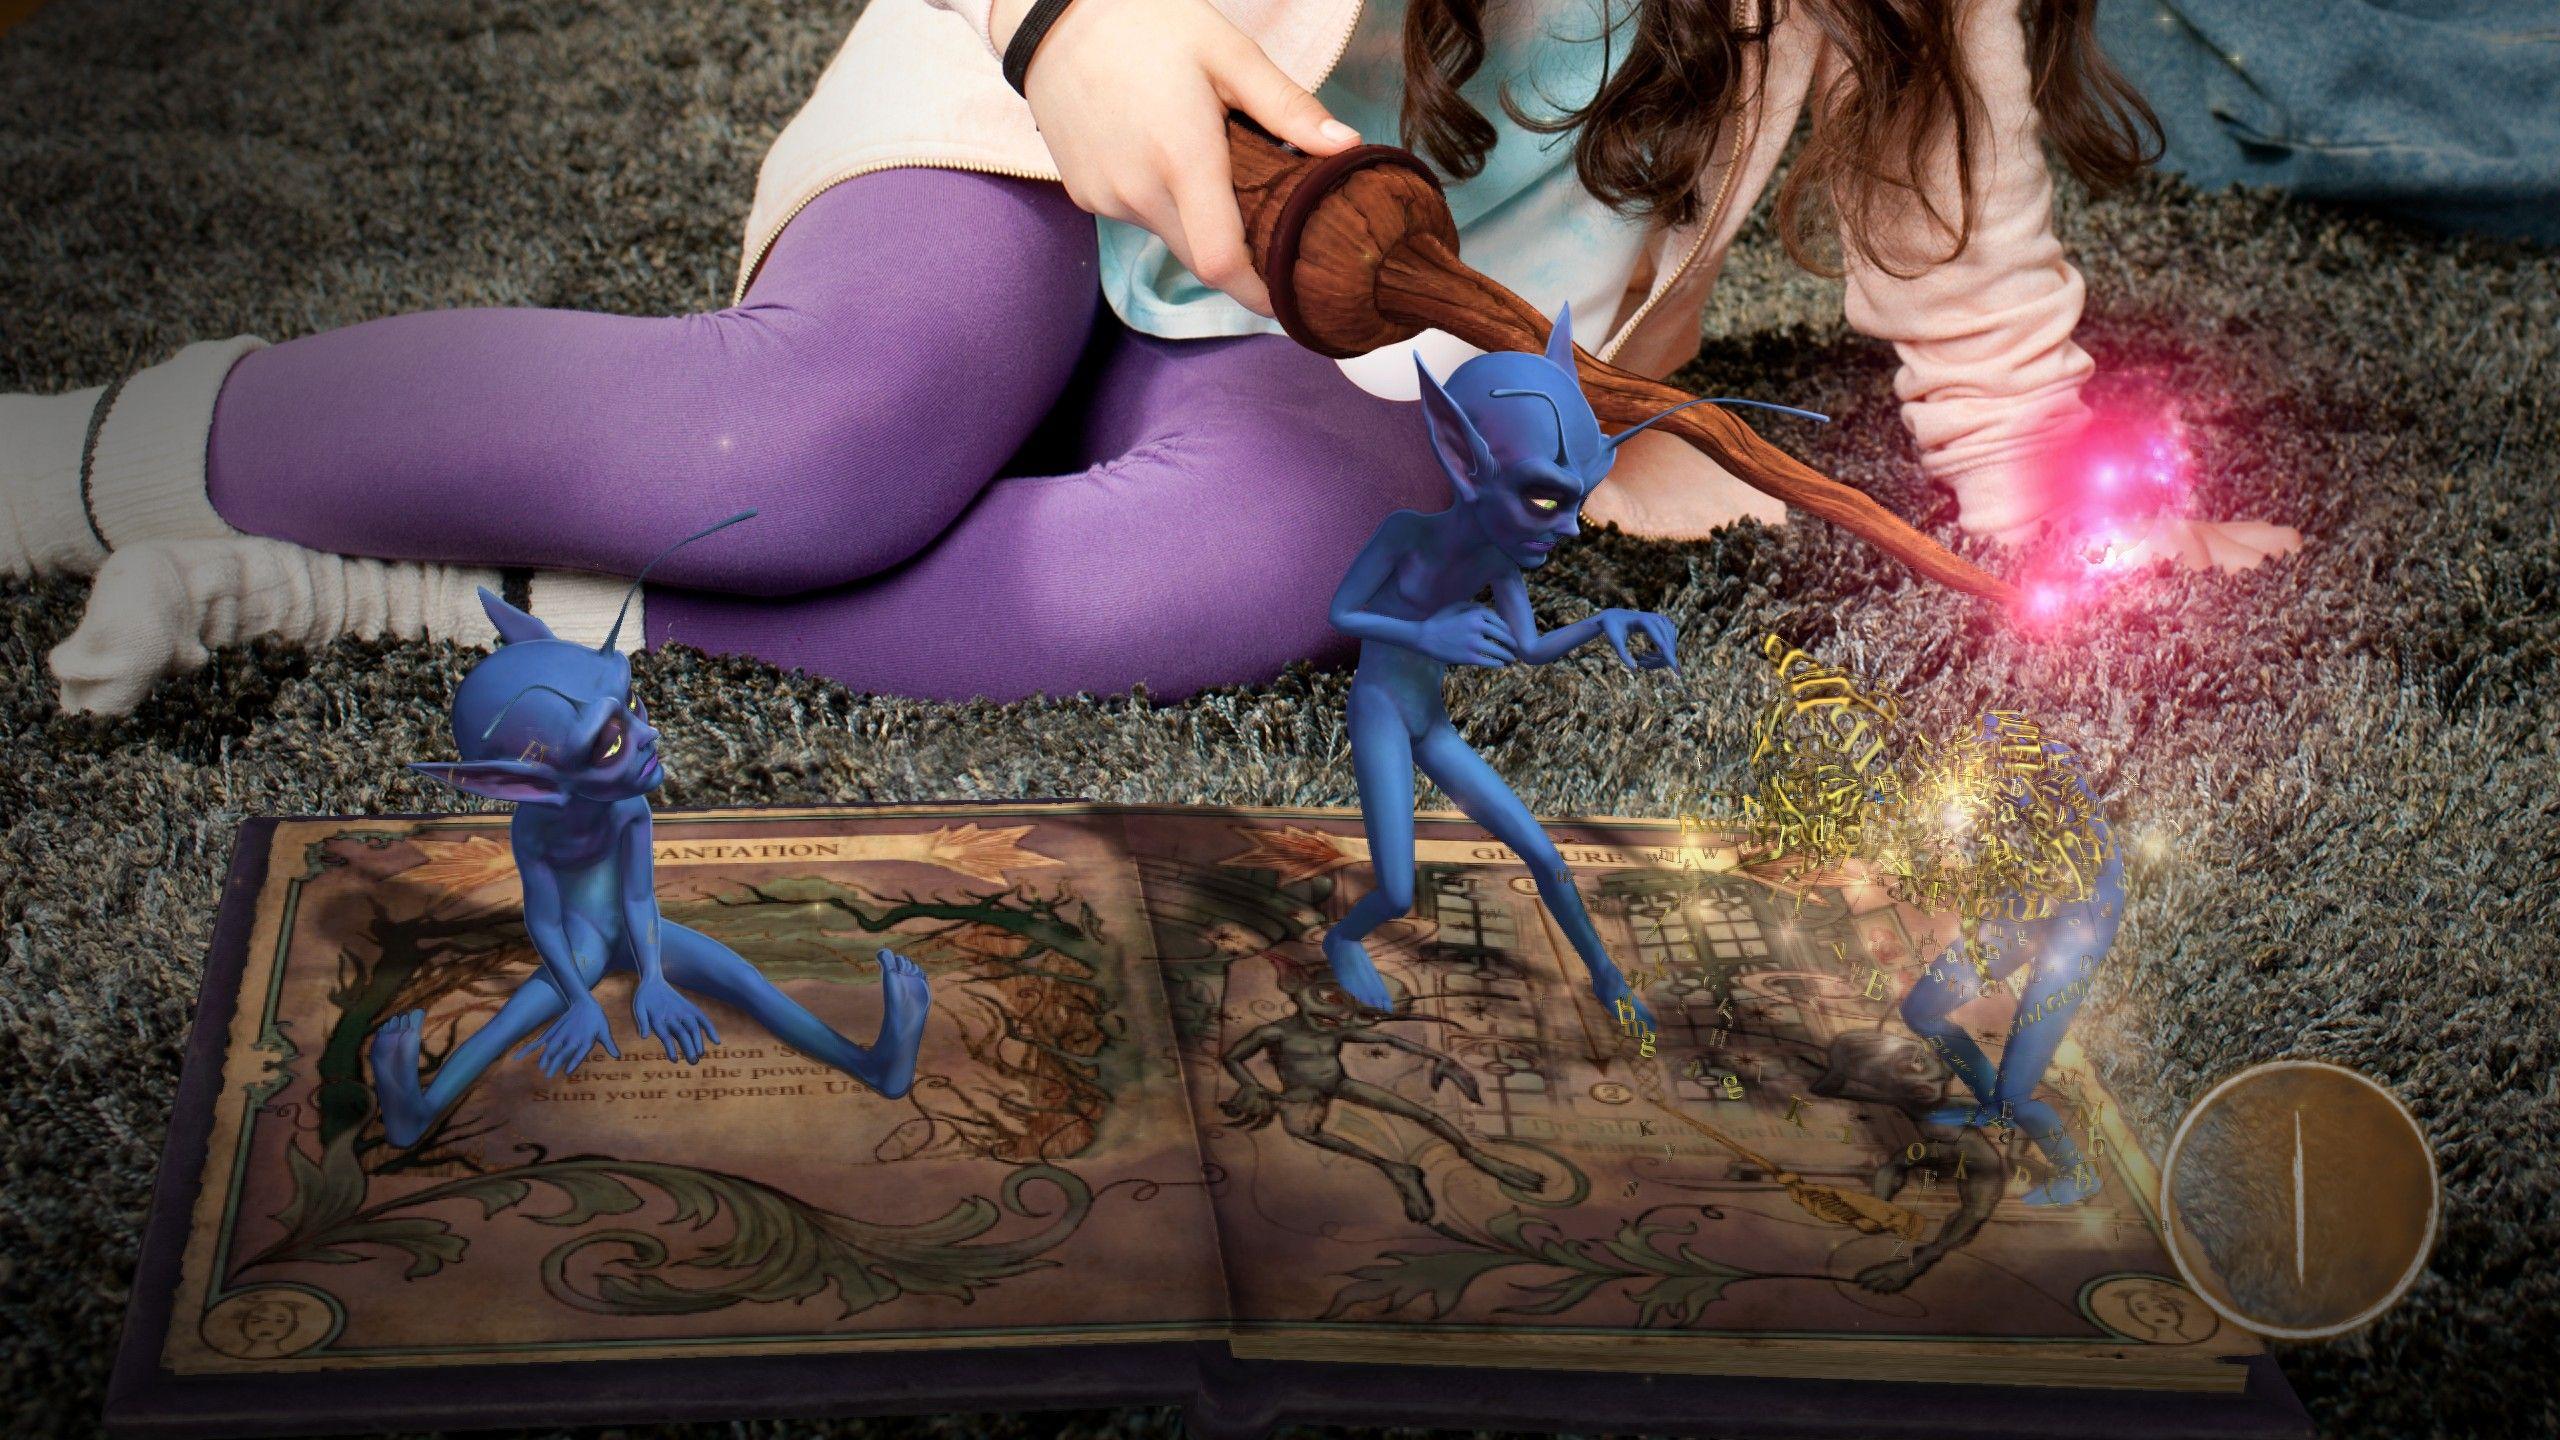 I Book of Spells skal du lære å trylle.Foto: Sony PlayStation